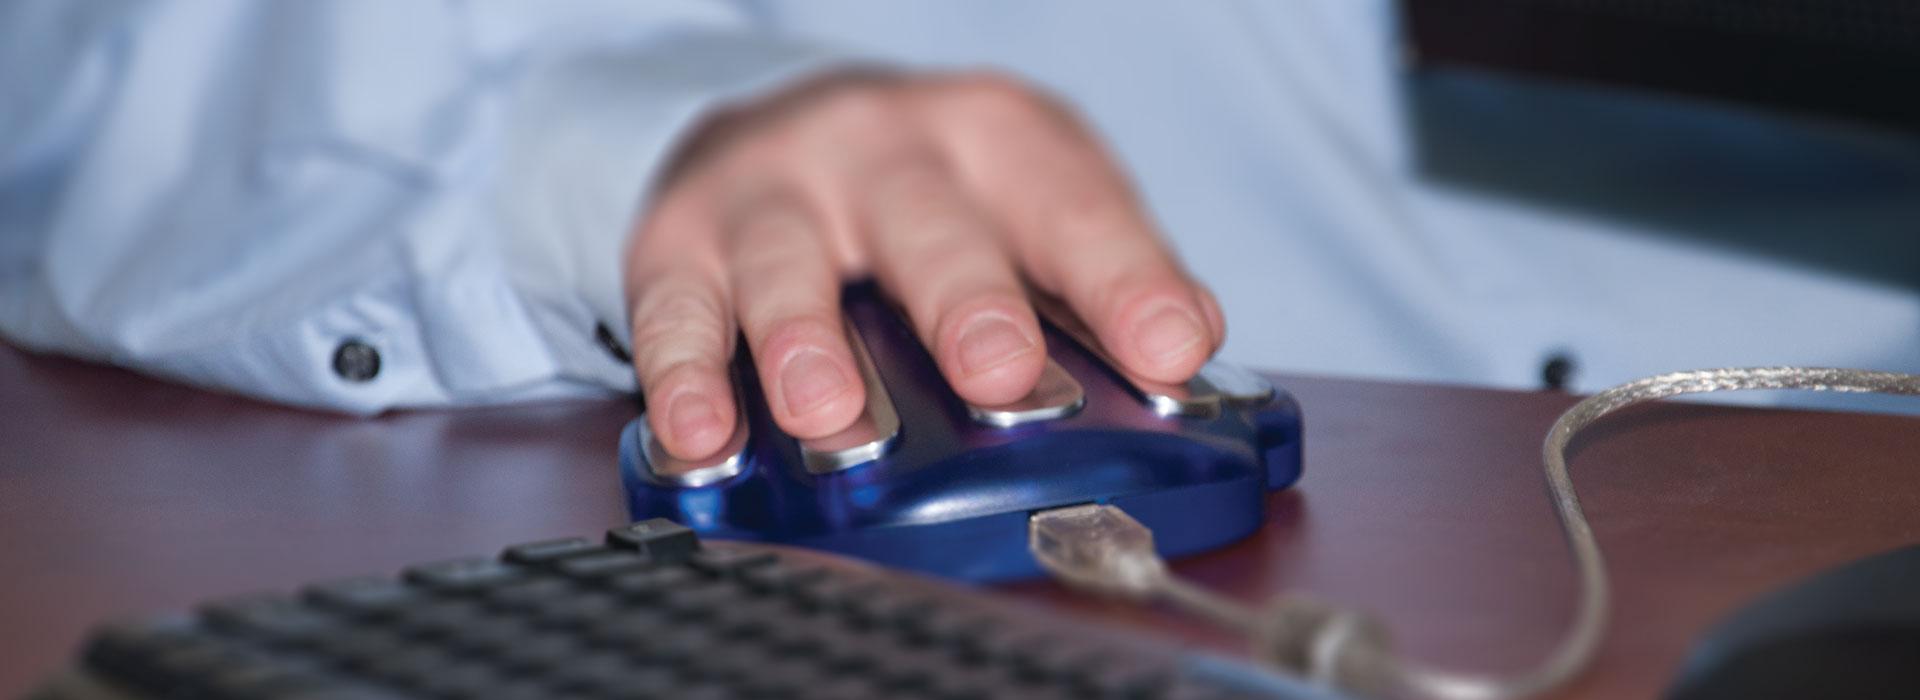 ZYTO Hand Cradle scan